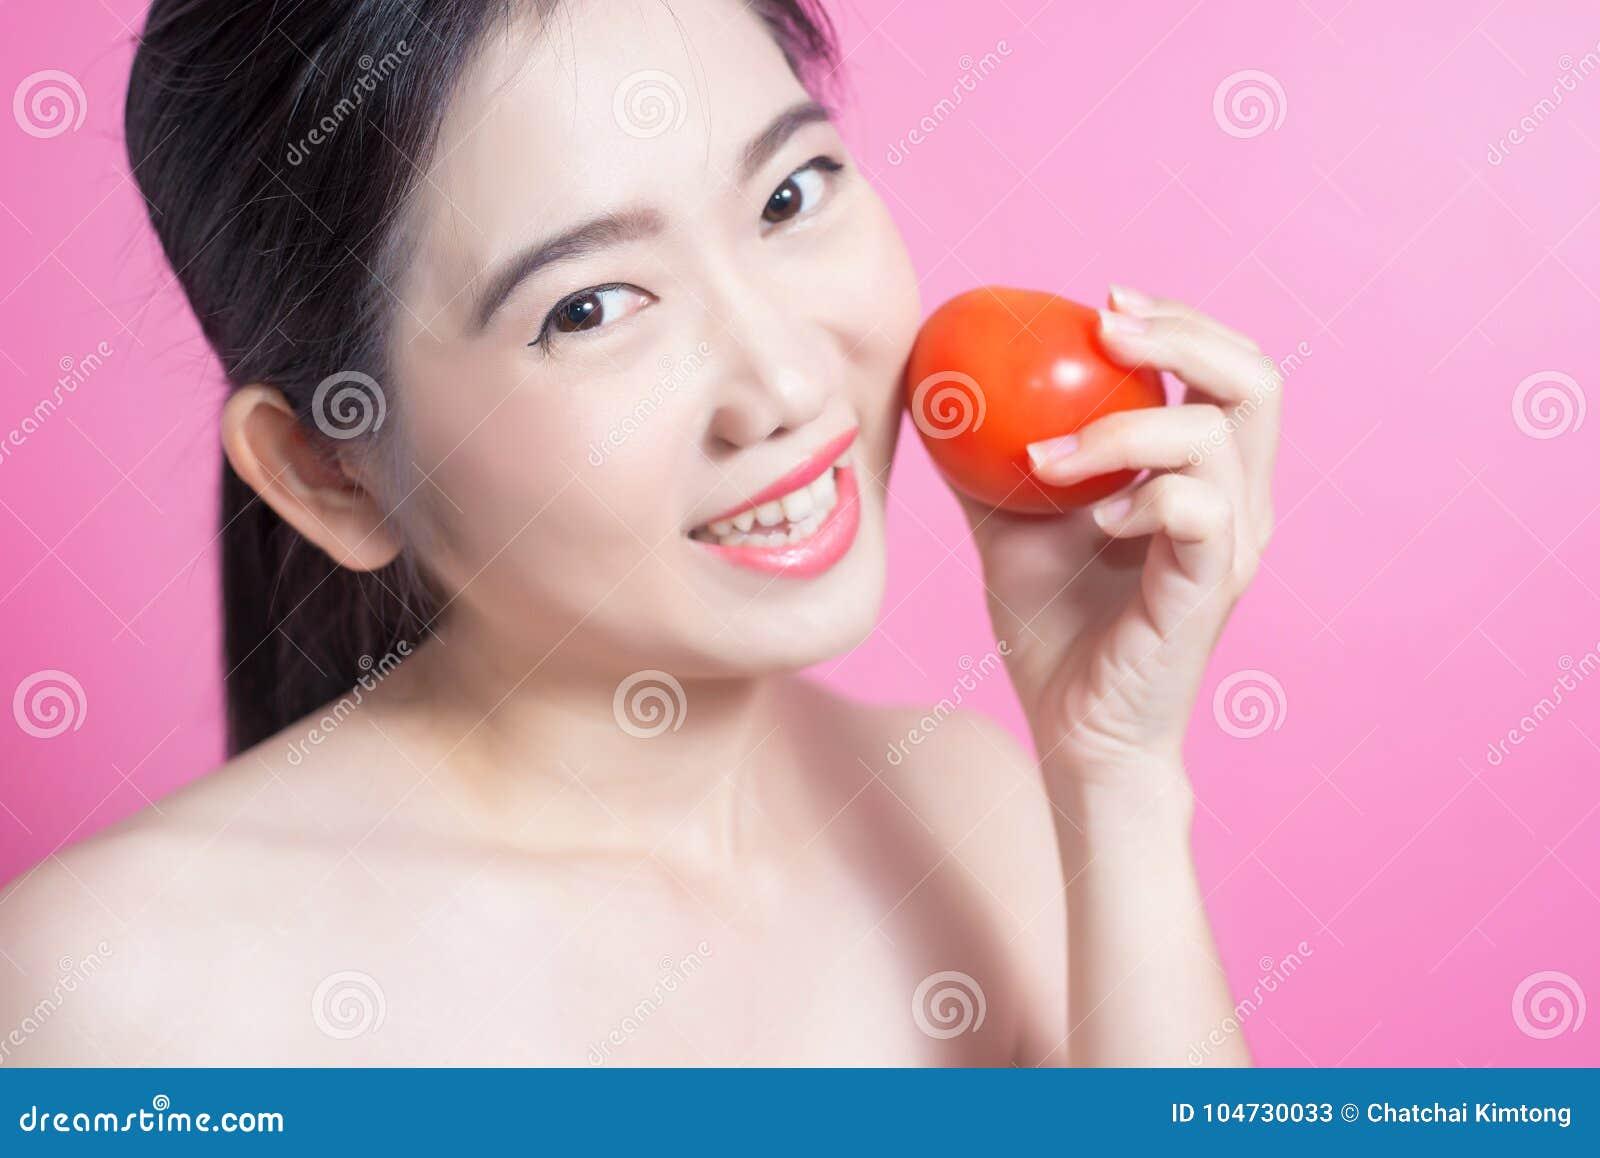 Asiatin mit Tomatenkonzept Sie lächelnd und Tomate halten Schönheitsgesicht und natürliches Make-up einfach für Sie ändern Sie Fa